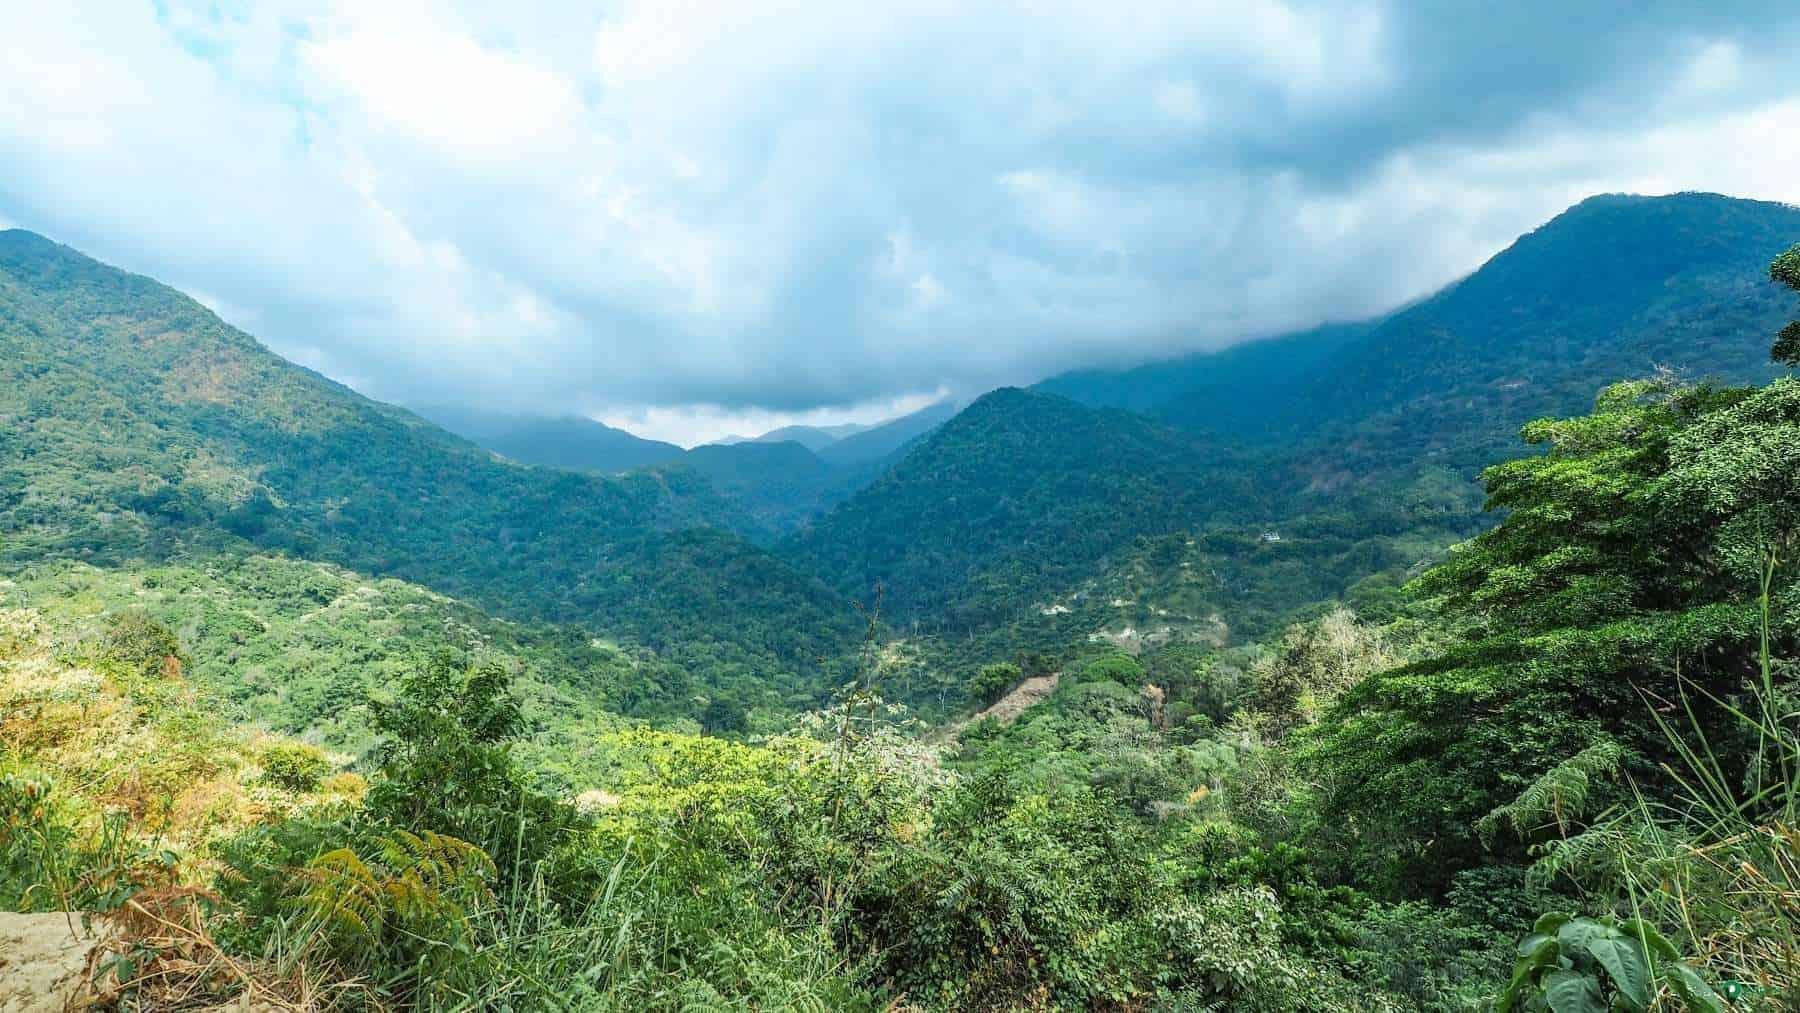 Die Schönheit Kolumbiens (Natur- und Landschaftsbilder)